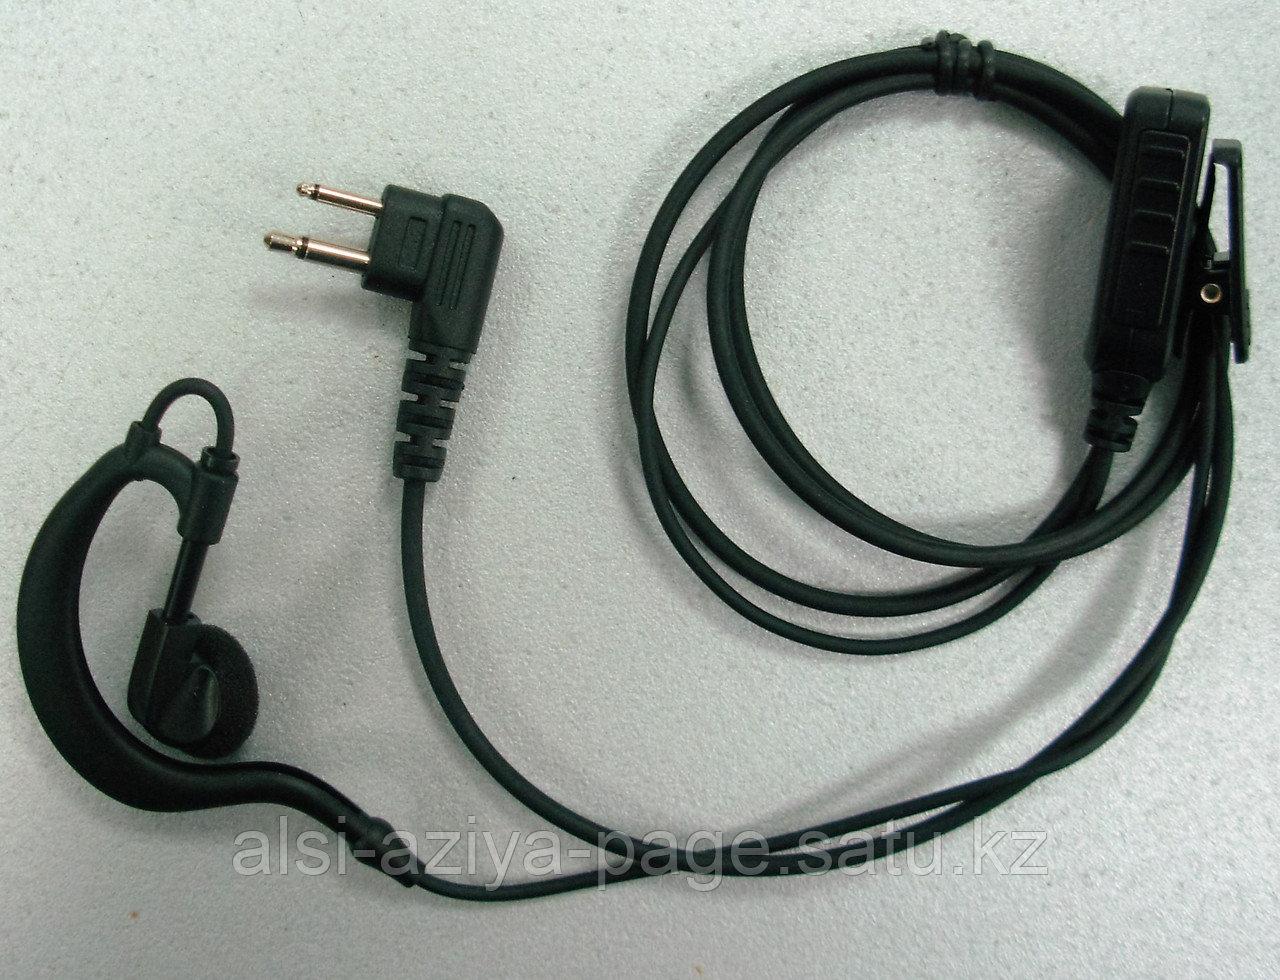 Гарнитура VoxTech для Motorola GP300/CP140